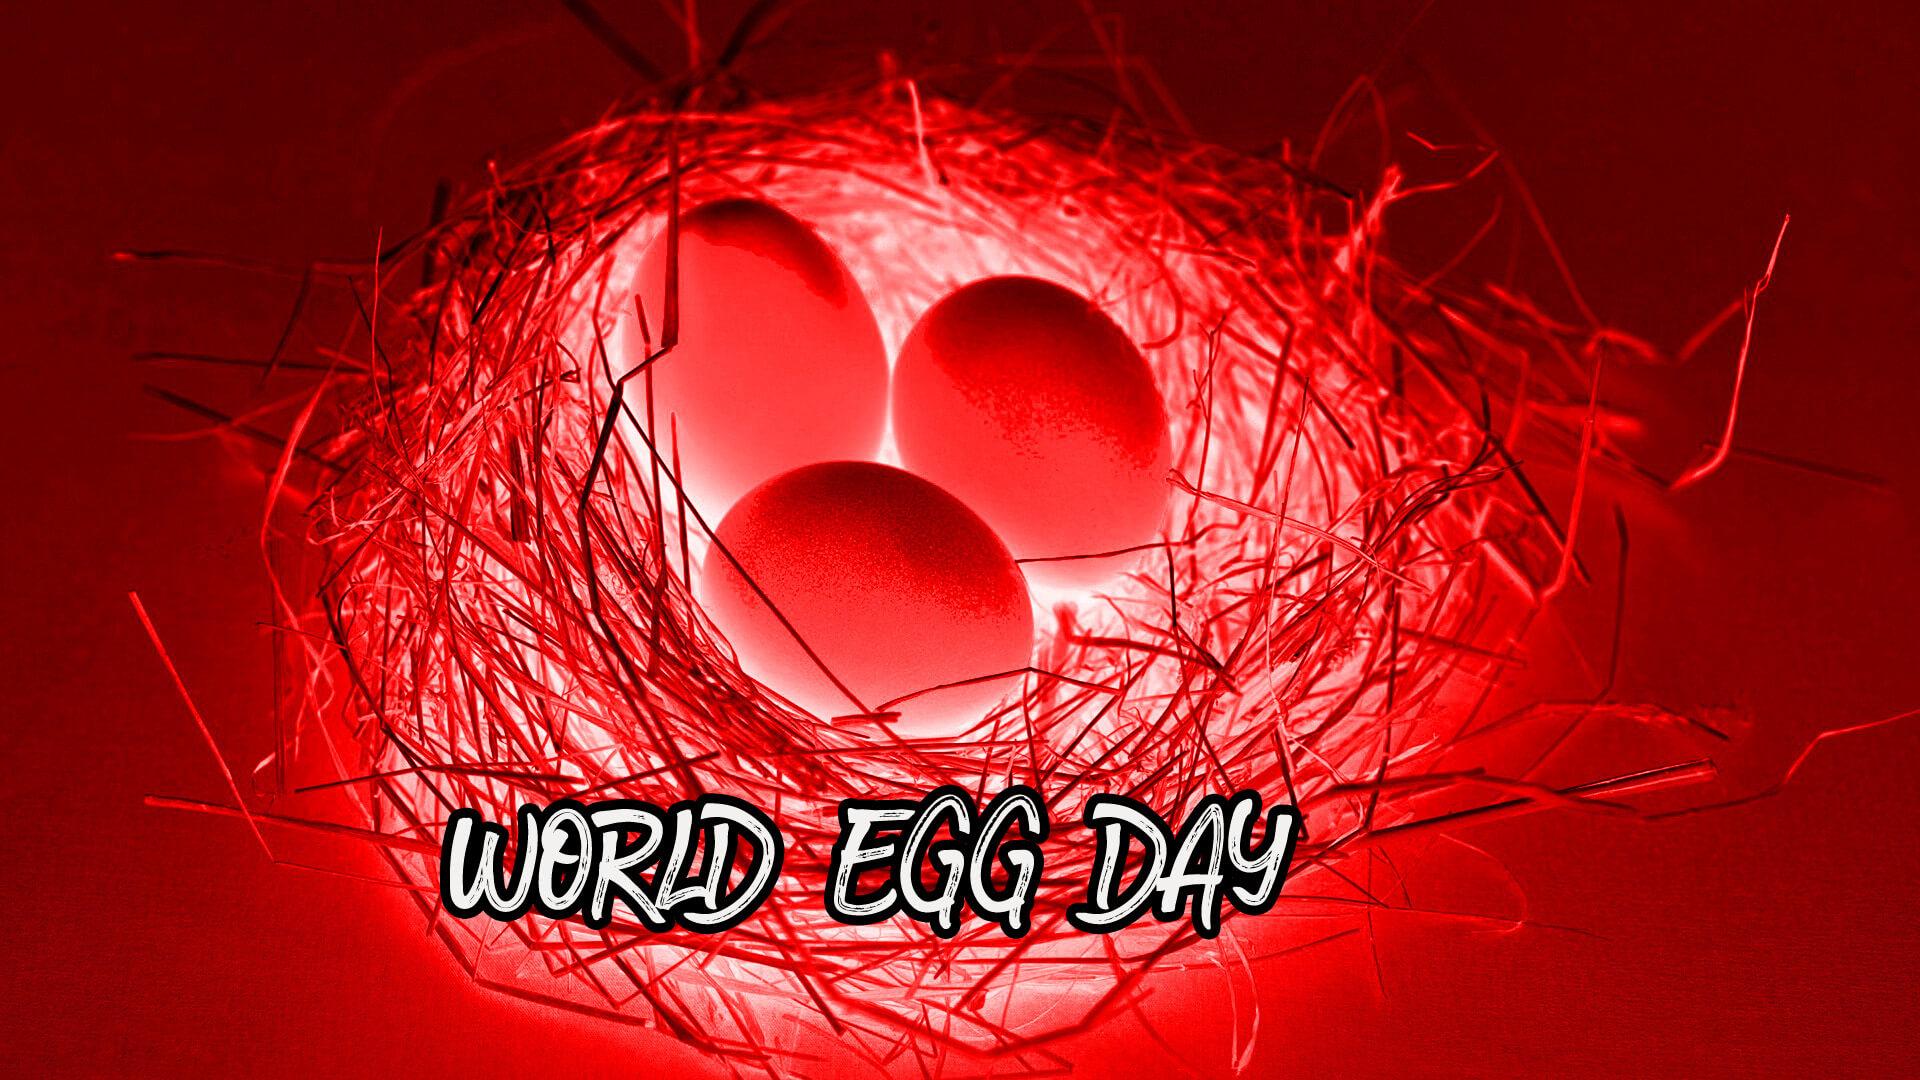 world egg day red burning eggs pc desktop hd wallpaper